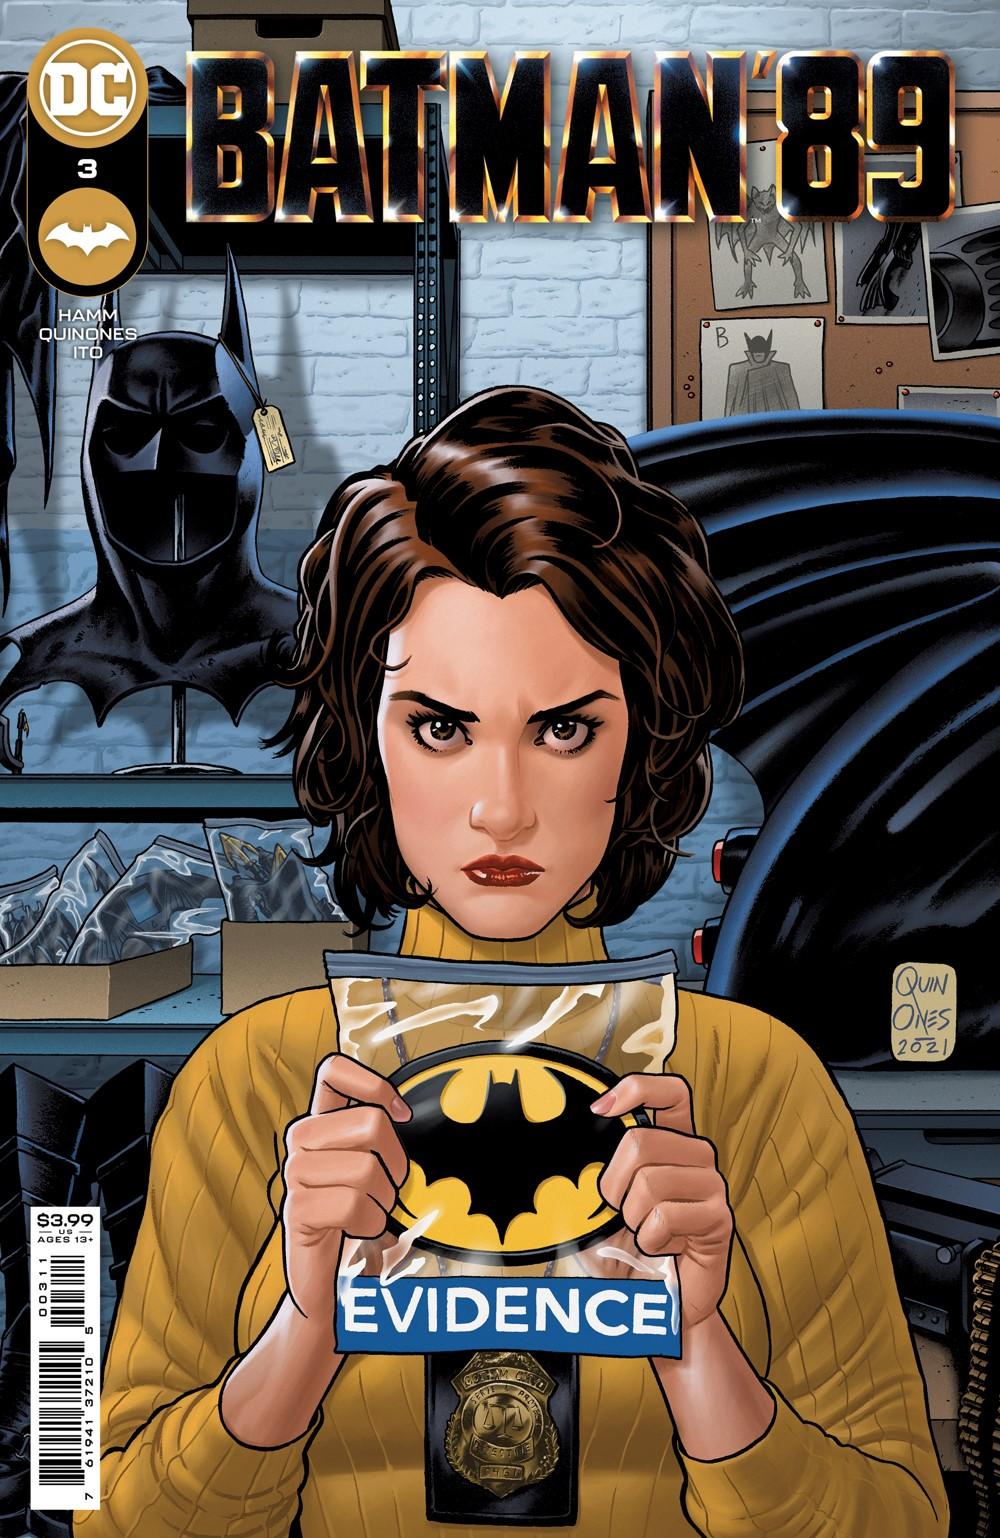 BM89_Cv3_00311 DC Comics October 2021 Solicitations